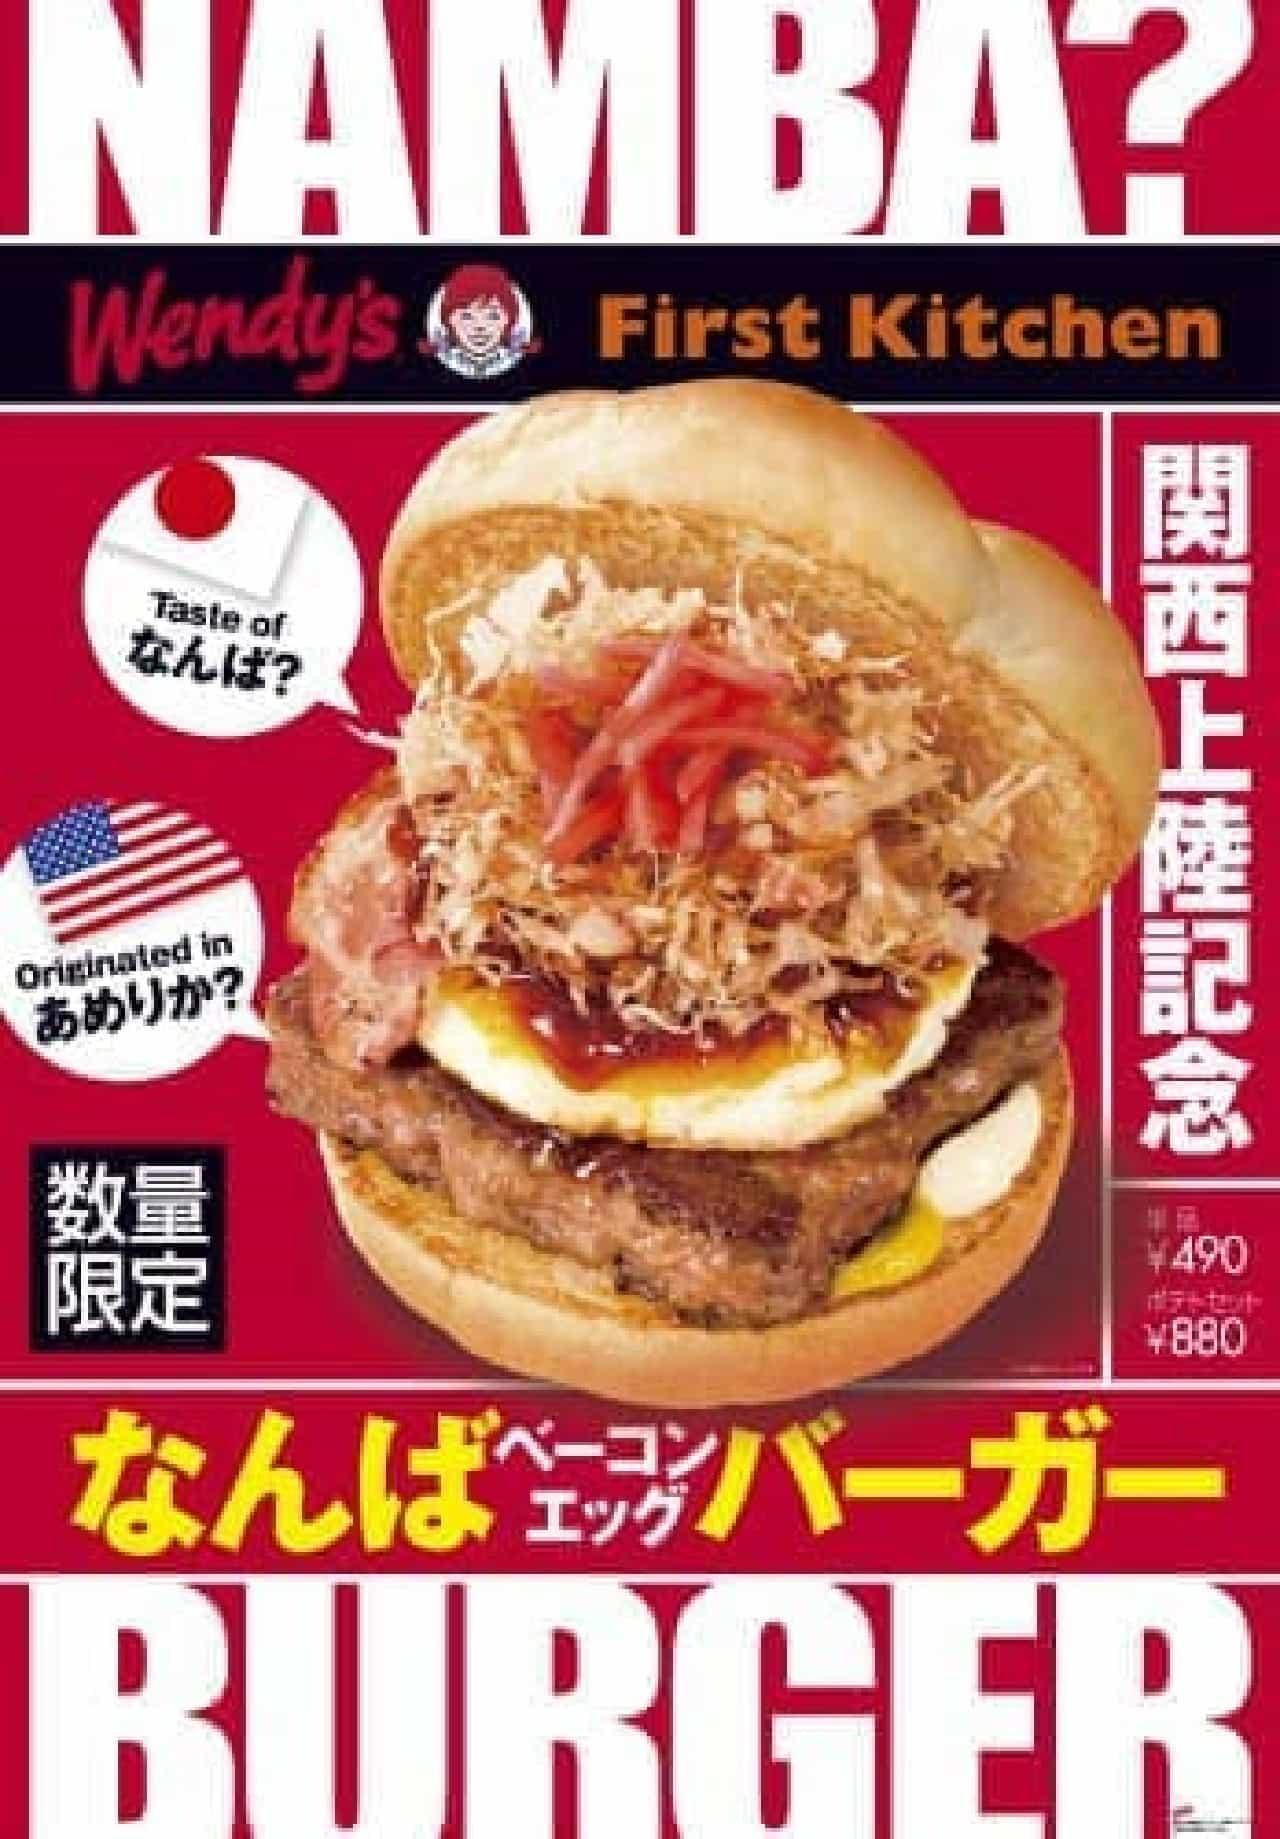 ウェンディーズが関西再上陸!